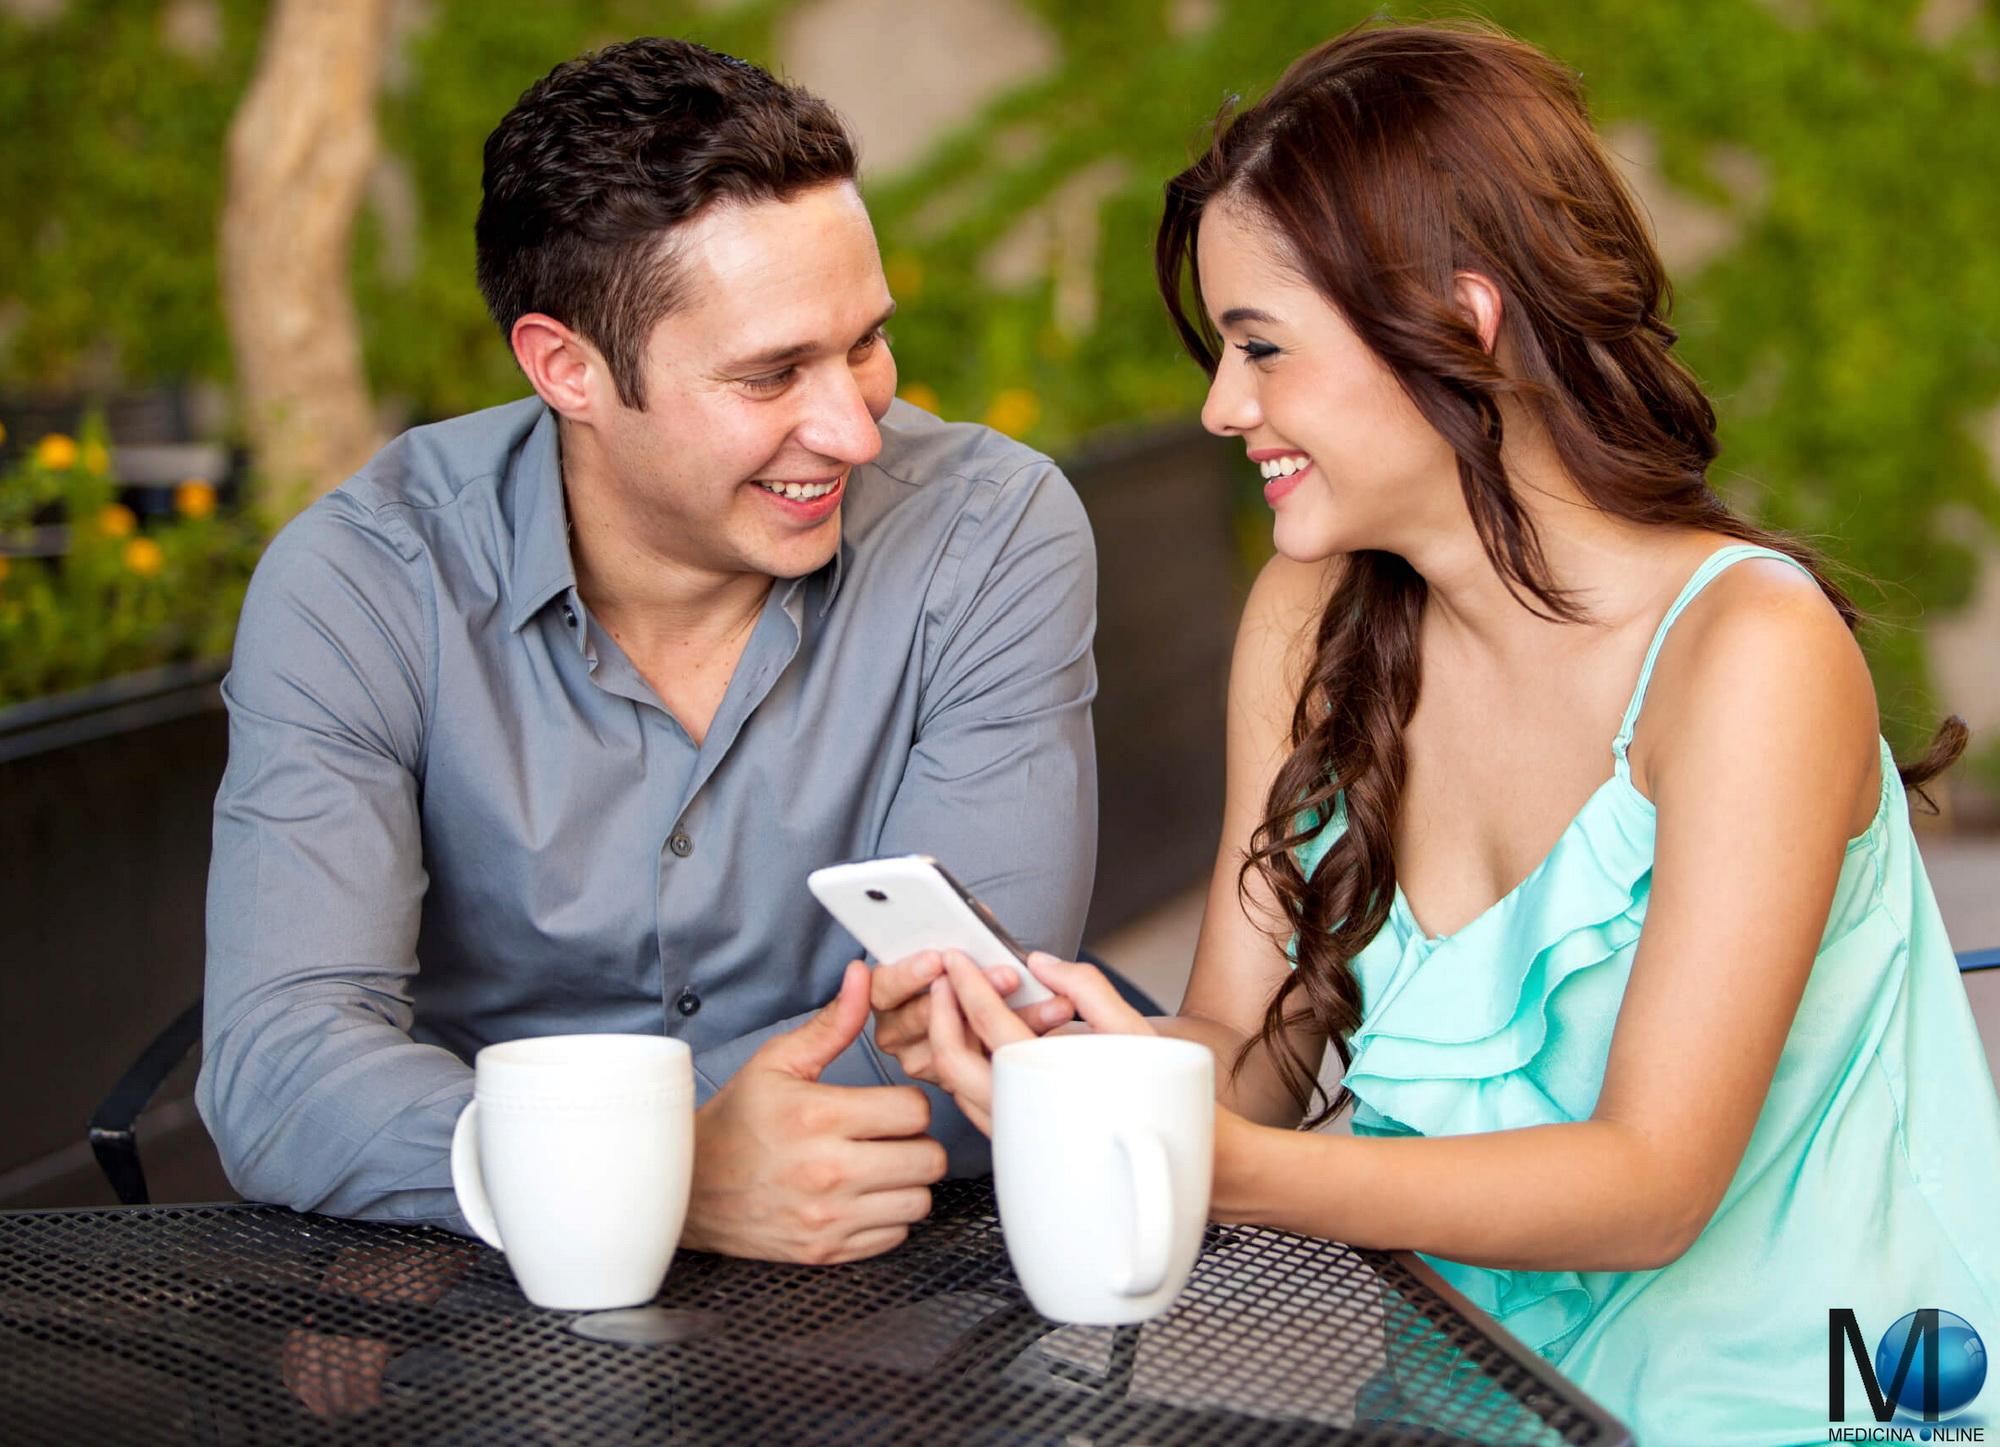 Qual è il miglior consigli di dating che avete ask.fm